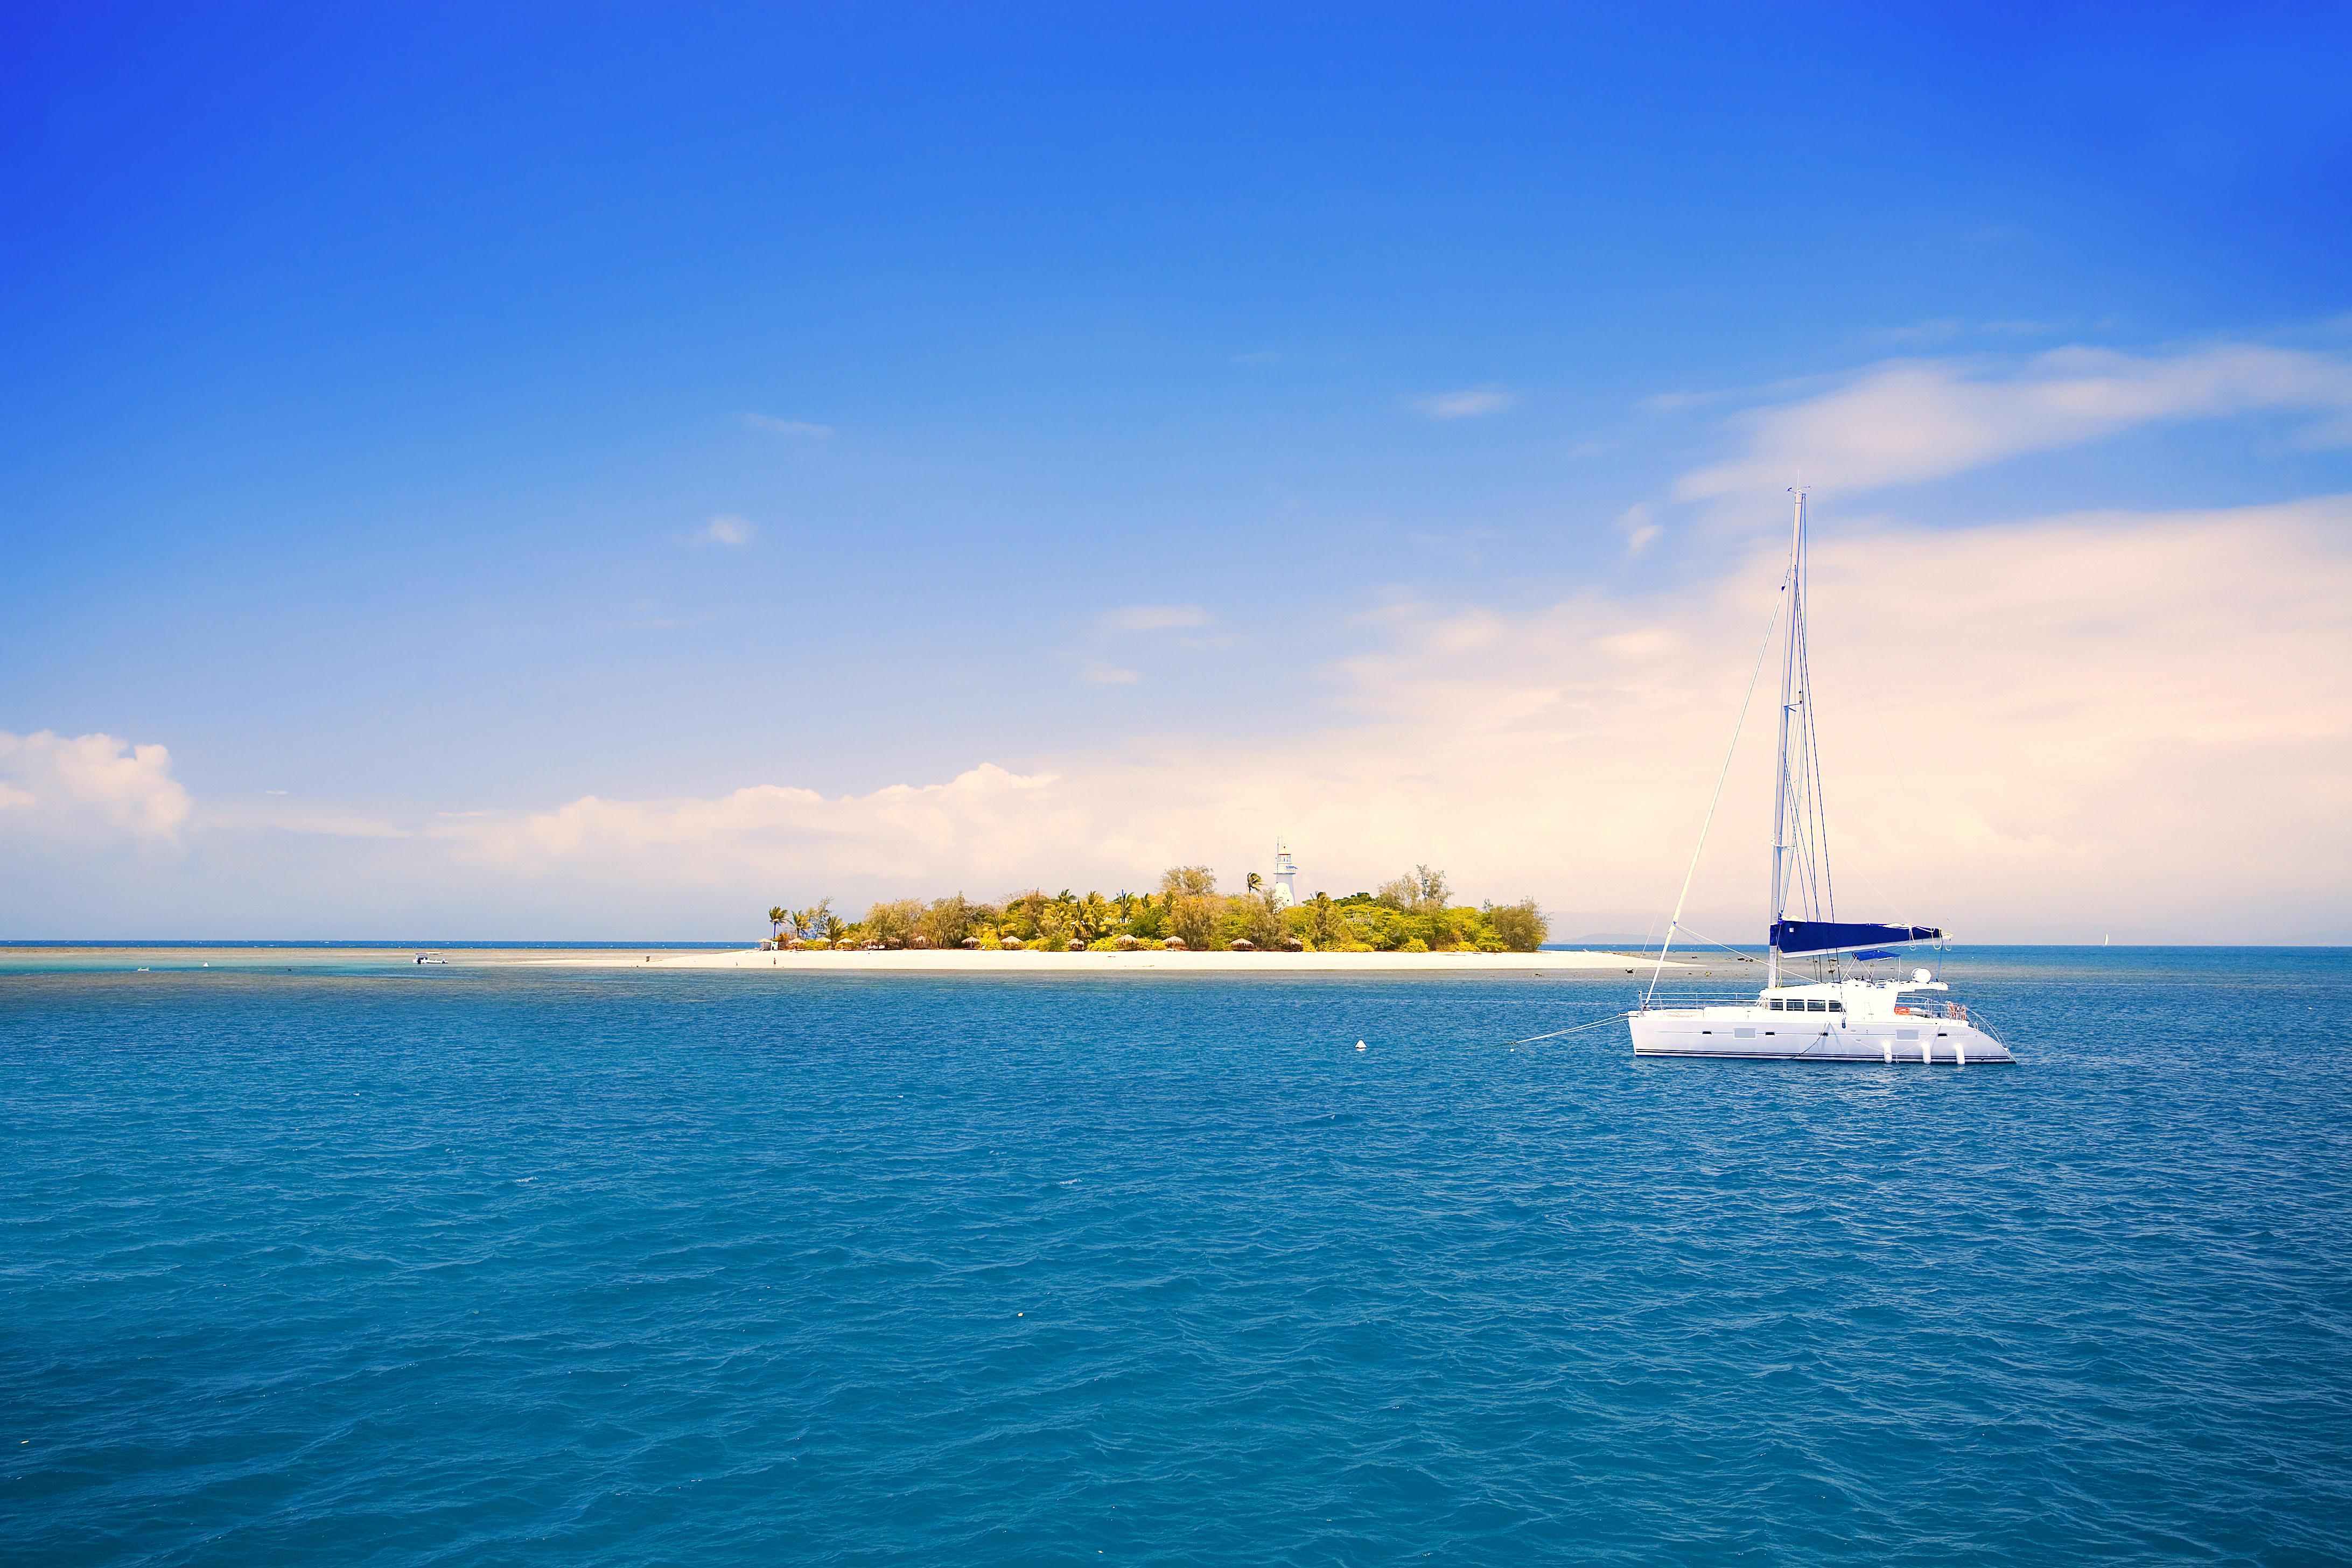 обои тропики, море, яхта, остров картинки фото